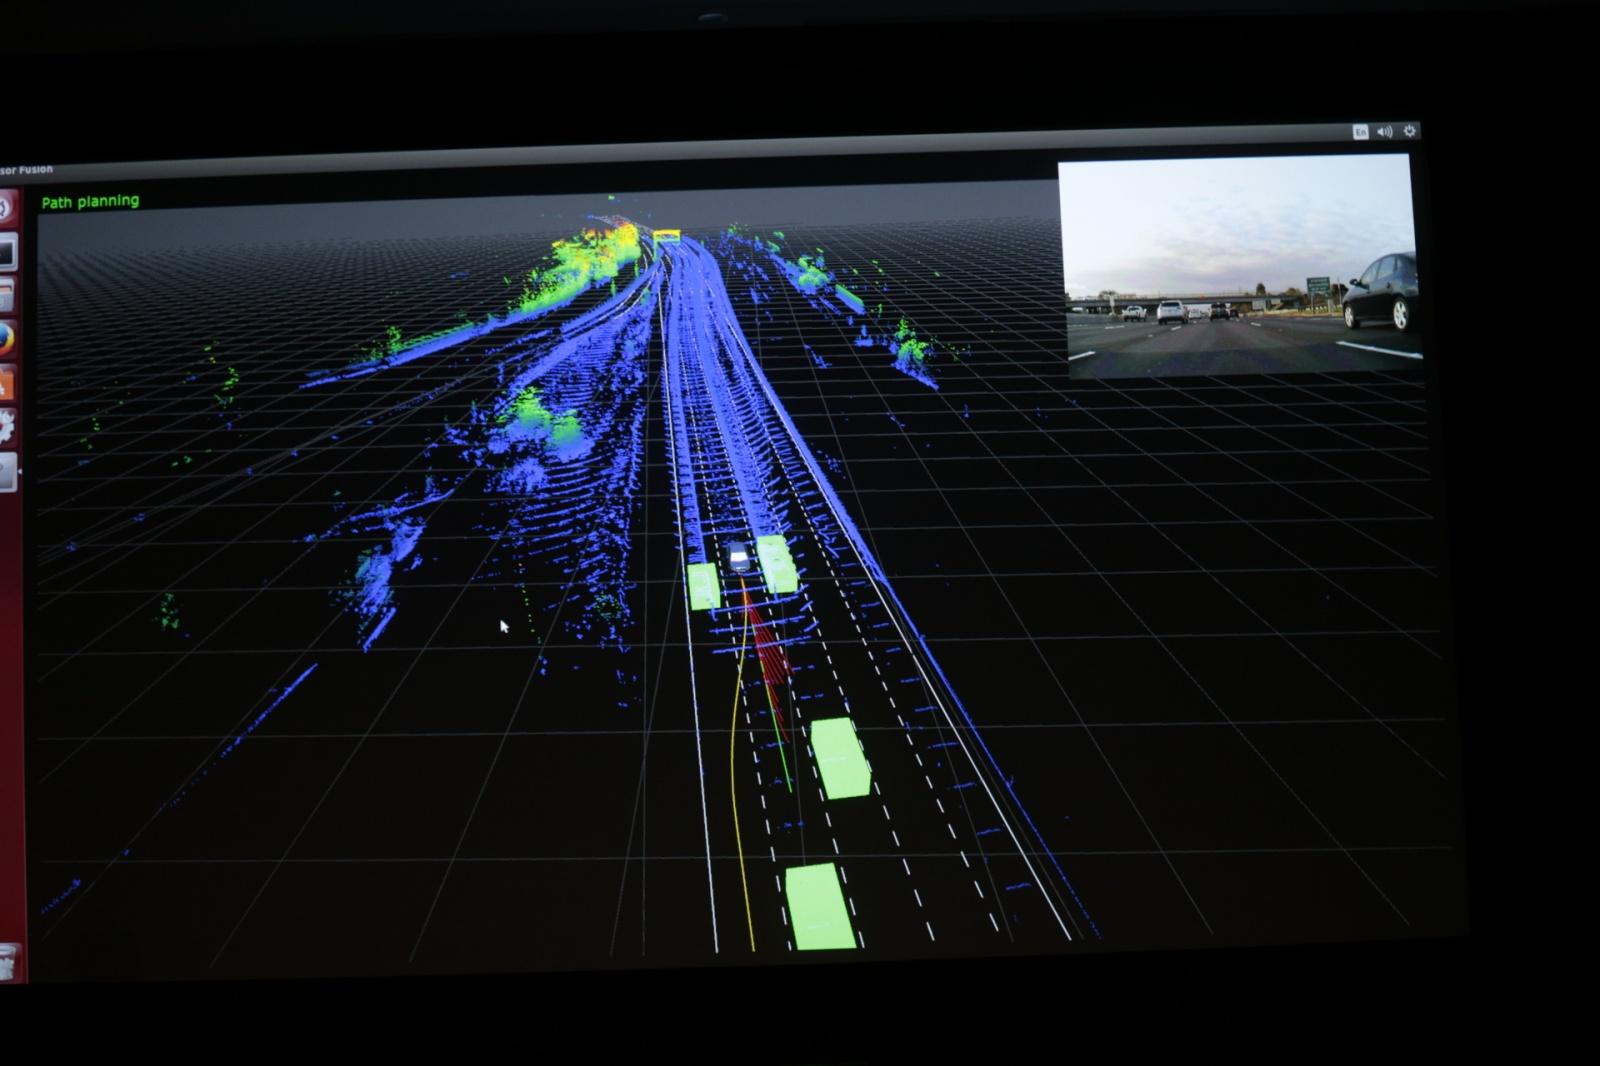 Автомобильный суперкомпьютер Drive PX 2 от Nvidia для автономного вождения - 4